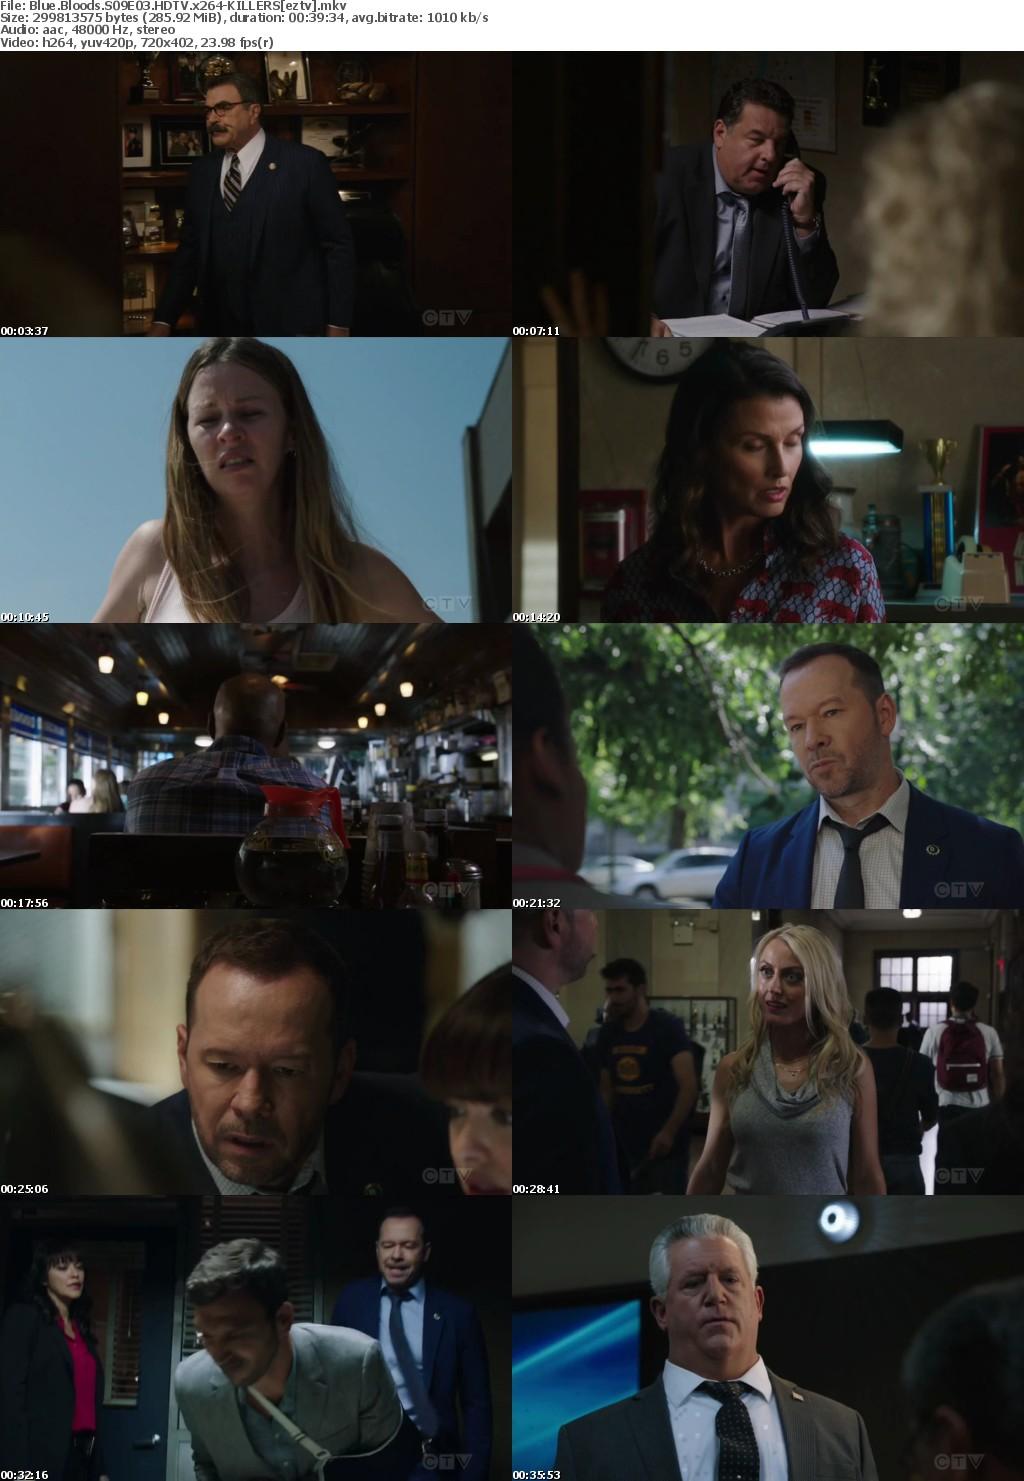 Blue Bloods S09E03 HDTV x264-KILLERS